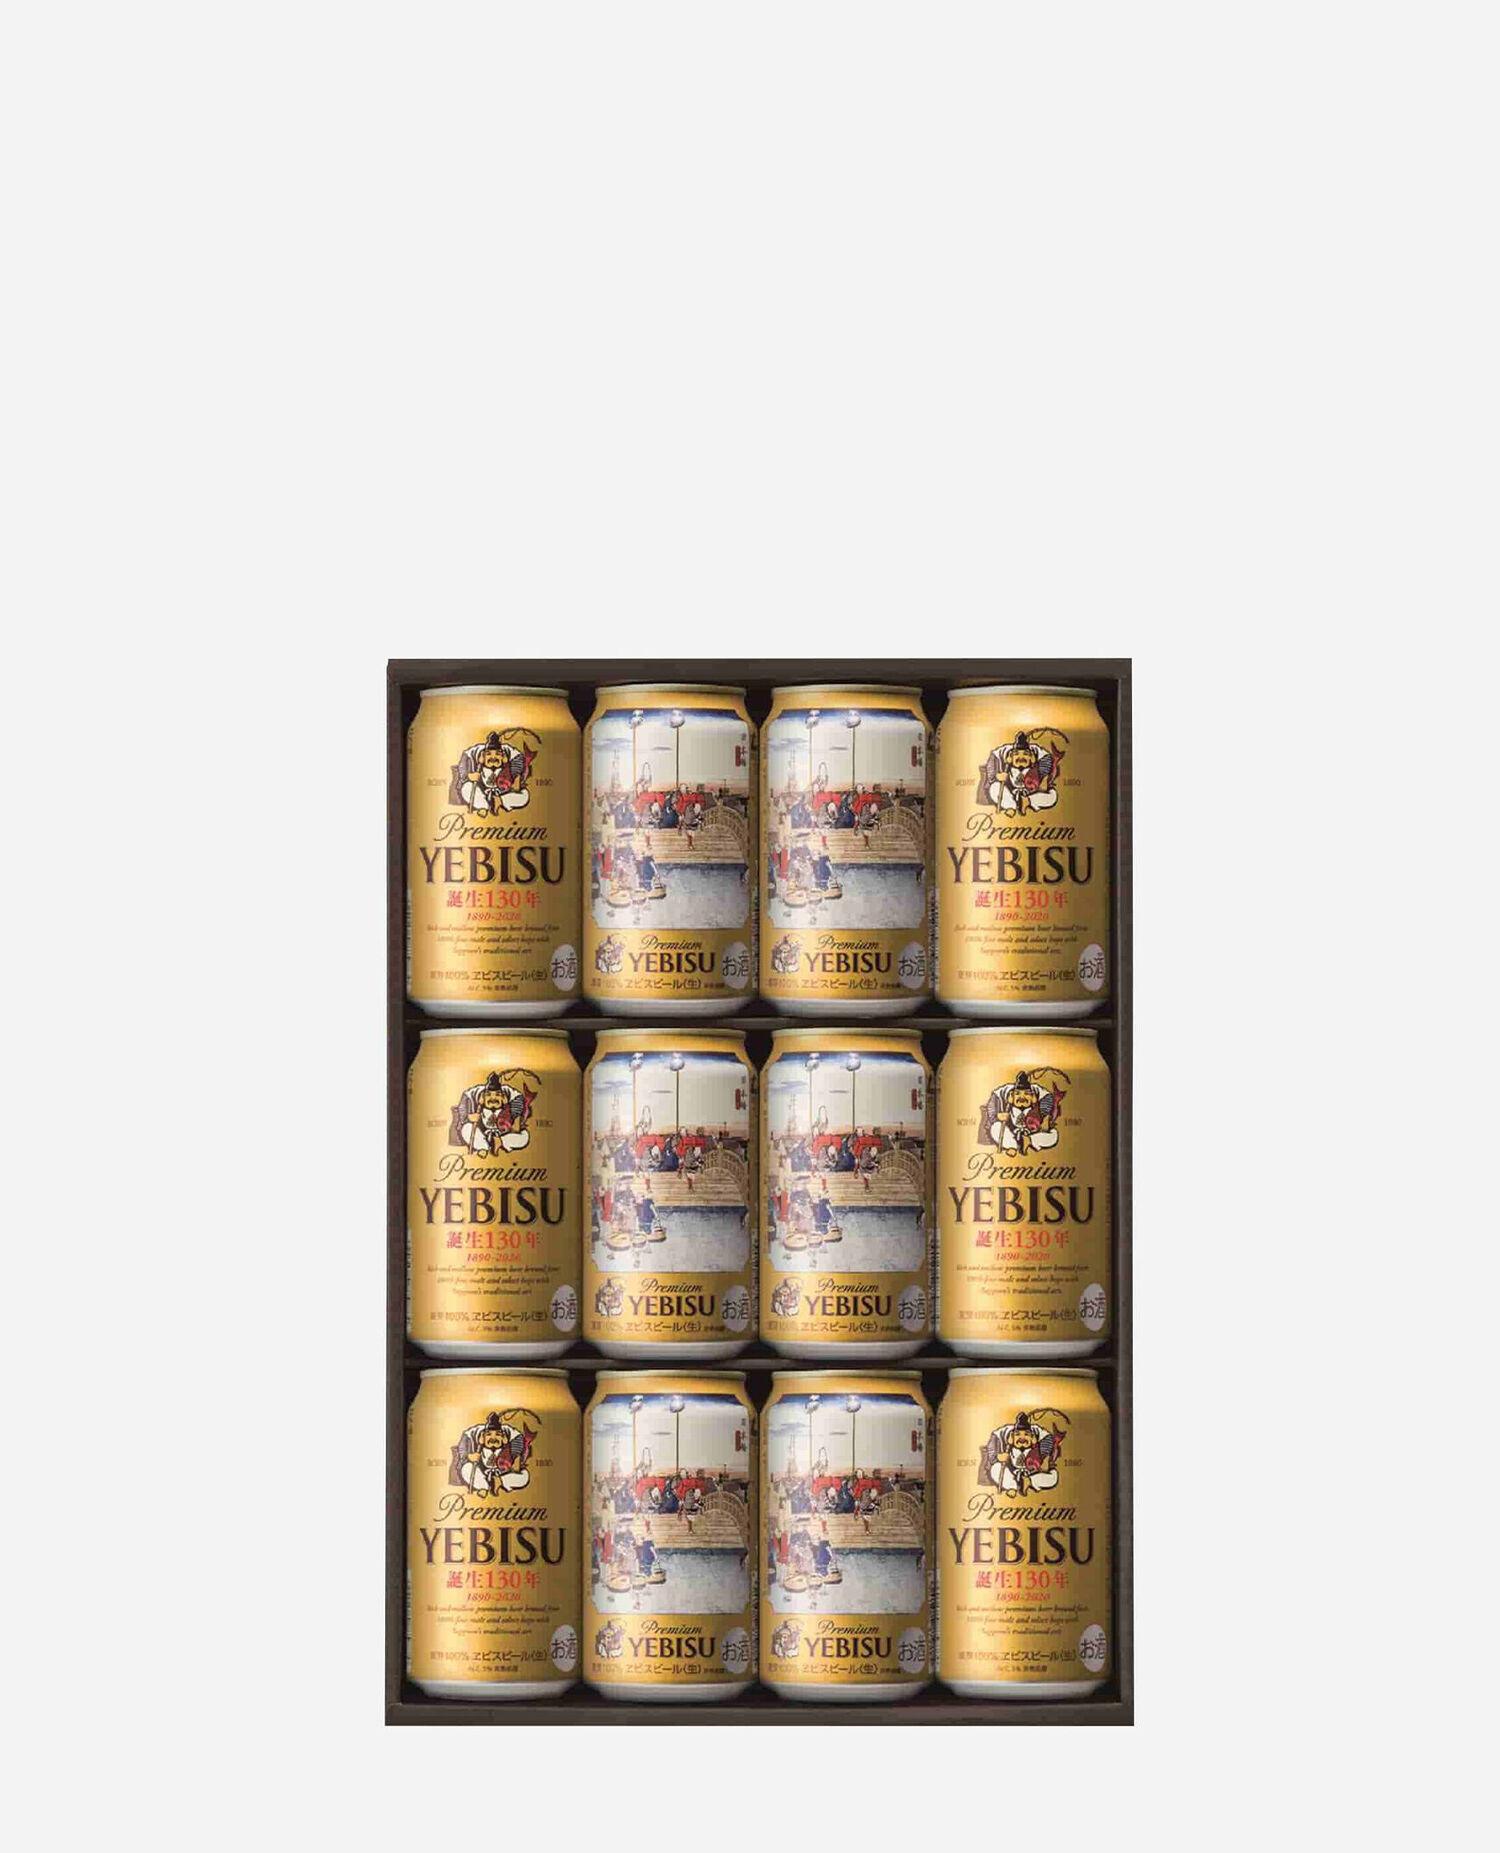 〈サッポロ〉東海道五拾三次之内 日本橋 朝之景 ヱビスビール YE3DM